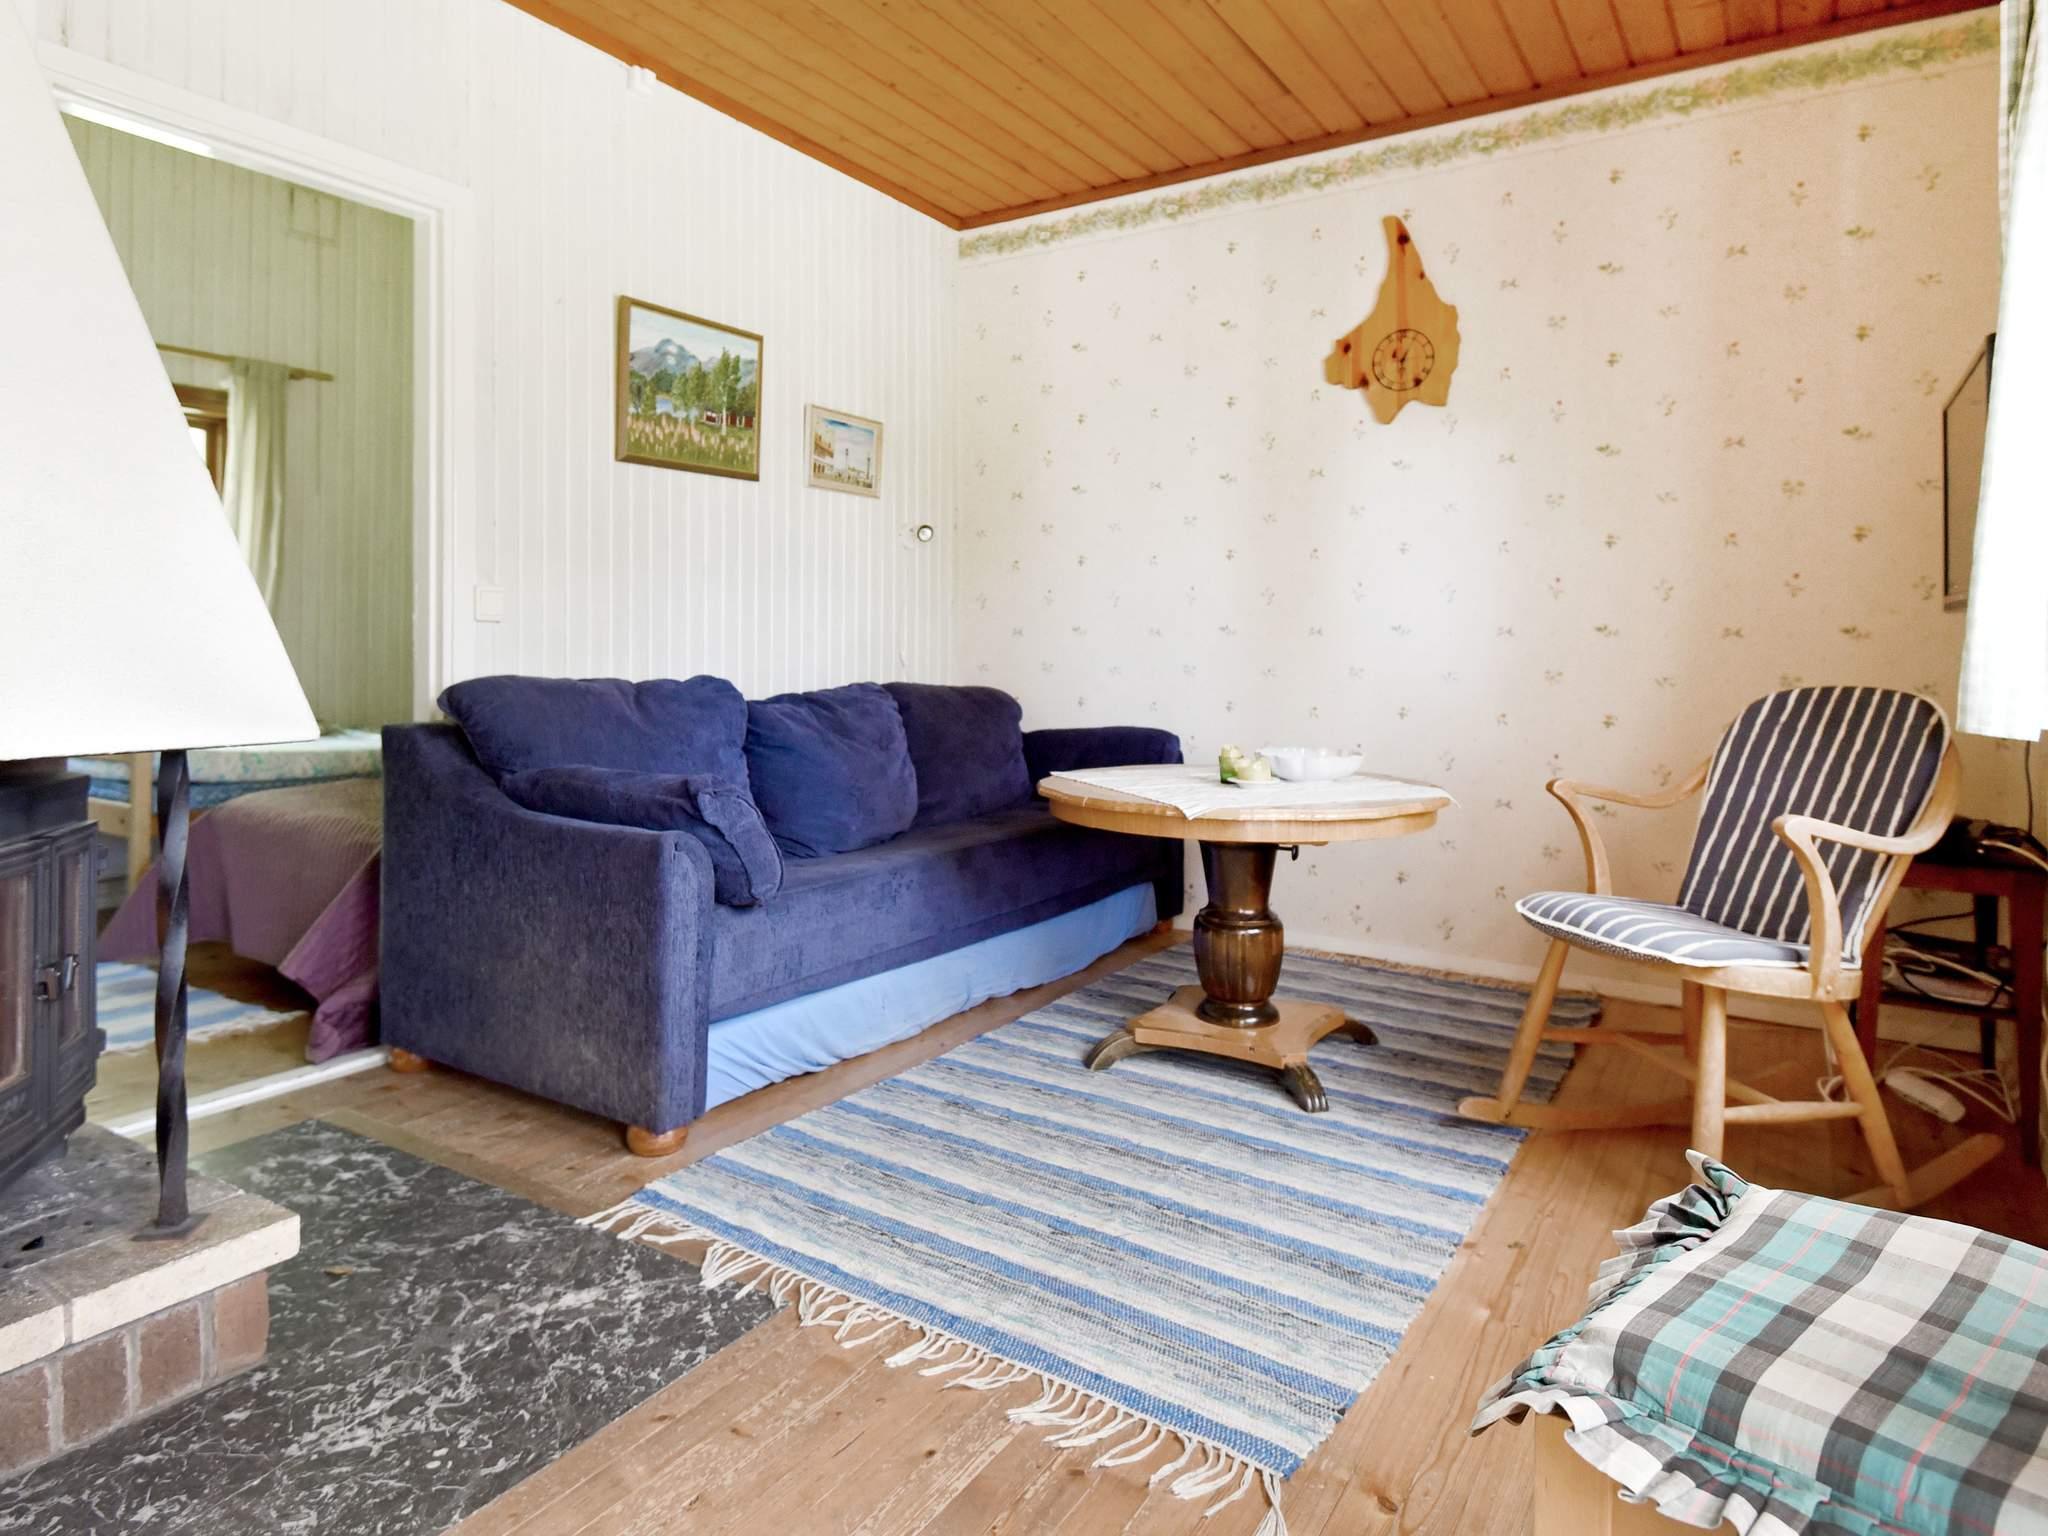 Ferienhaus Hagfors (87161), Sunnemo, Värmlands län, Mittelschweden, Schweden, Bild 5